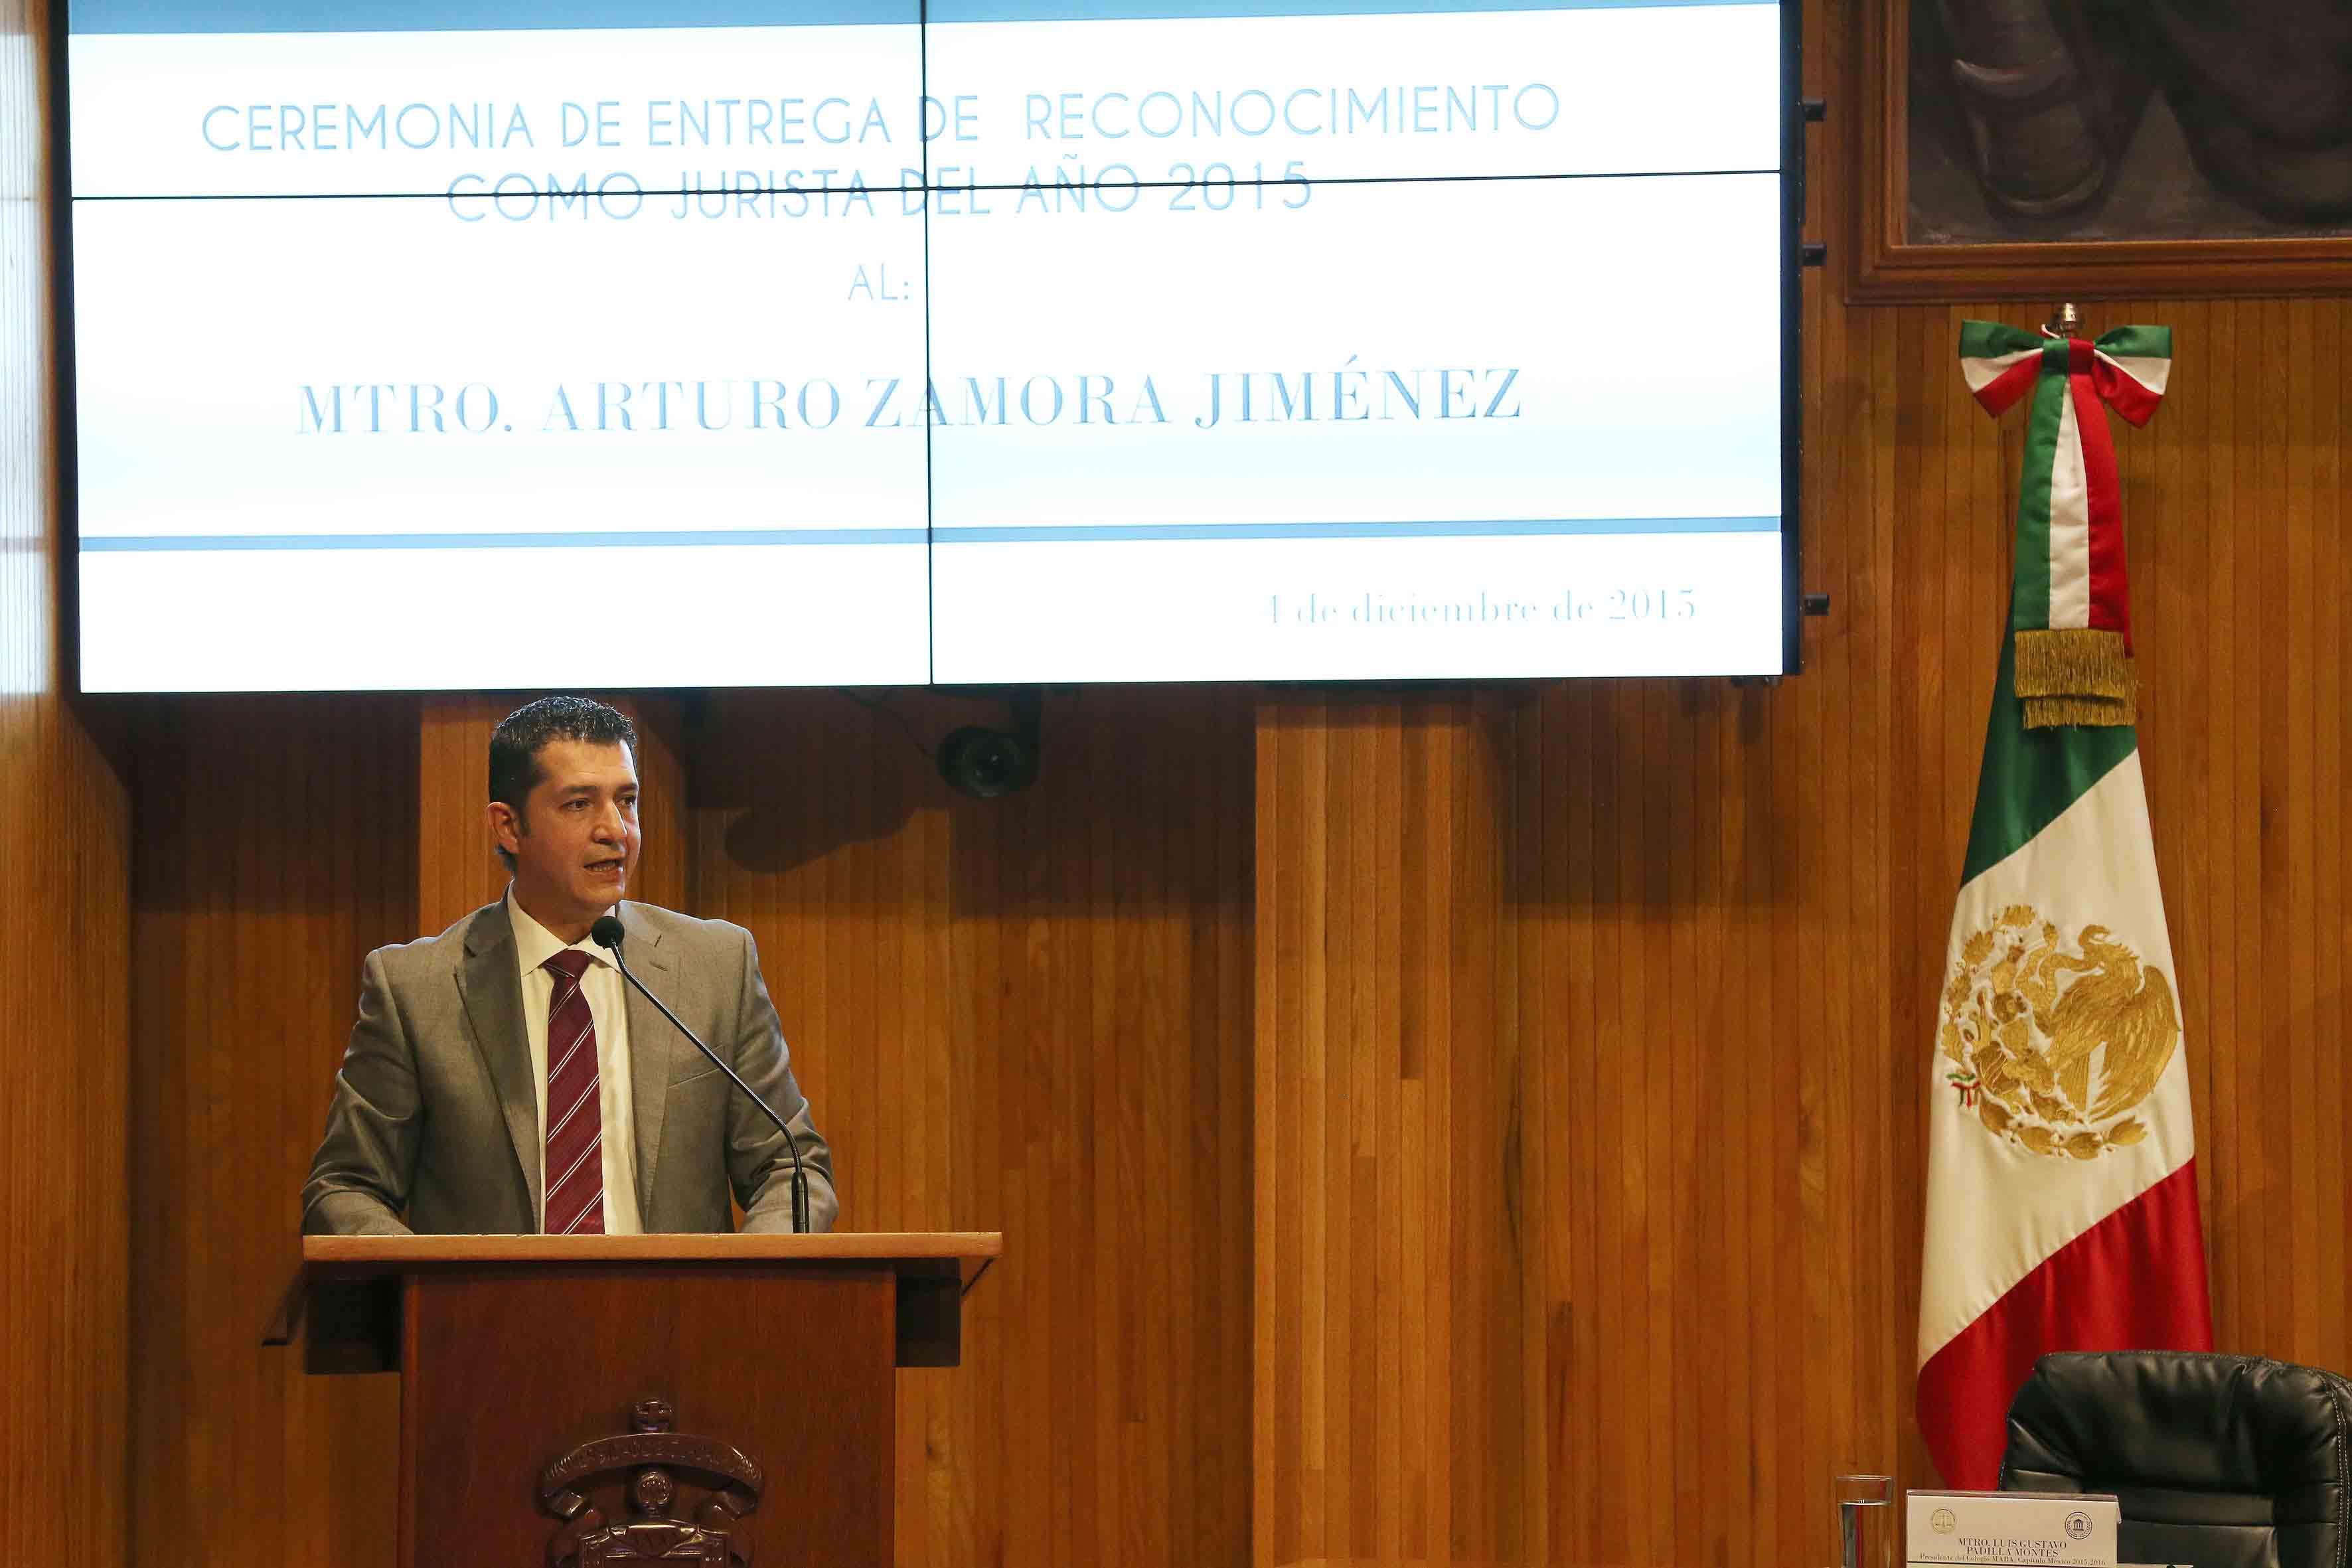 Mtro. Luis Gustavo Padilla Montes, presidente de MABA capítulo México, en podium del Paraninfo Enrique Díaz de Léon, haciendo uso de la palabra.